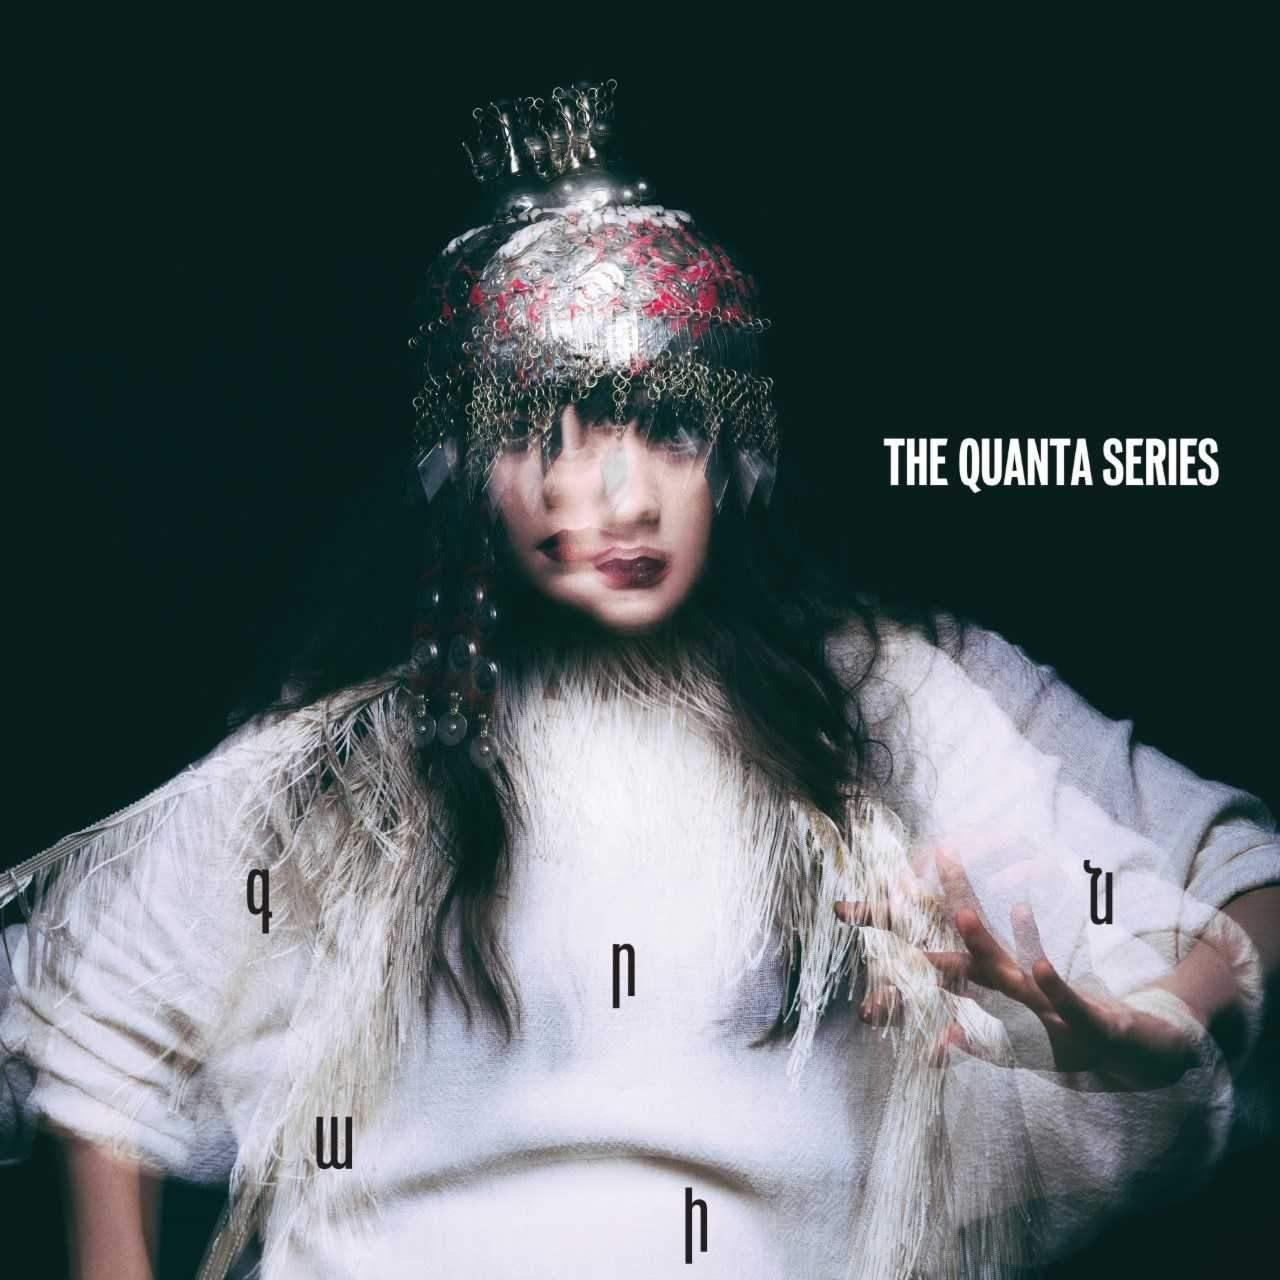 The Quanta Series - 1